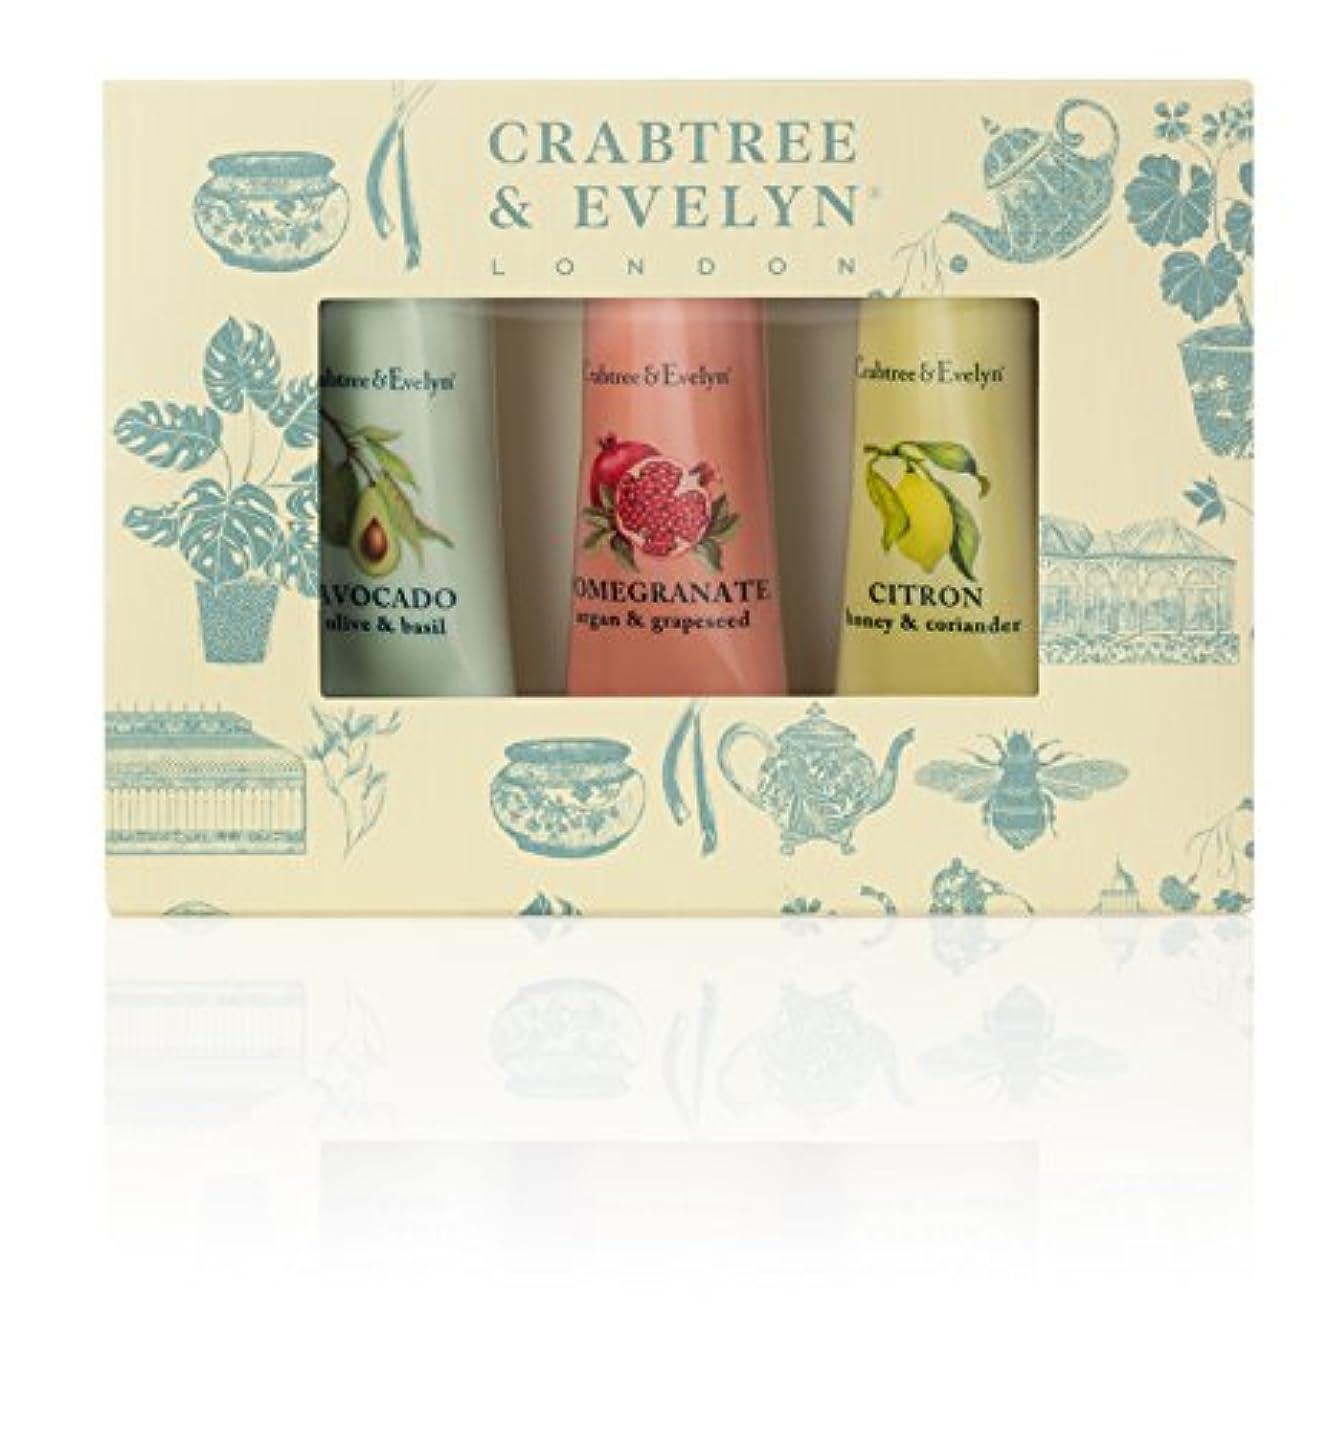 毎週心配ベックスクラブツリー&イヴリン Botanicals Hand Therapy Set (1x Citron, Honey & Coriander, 1x Pomegranate, Argan & Grapeseed, 1x Avocado...